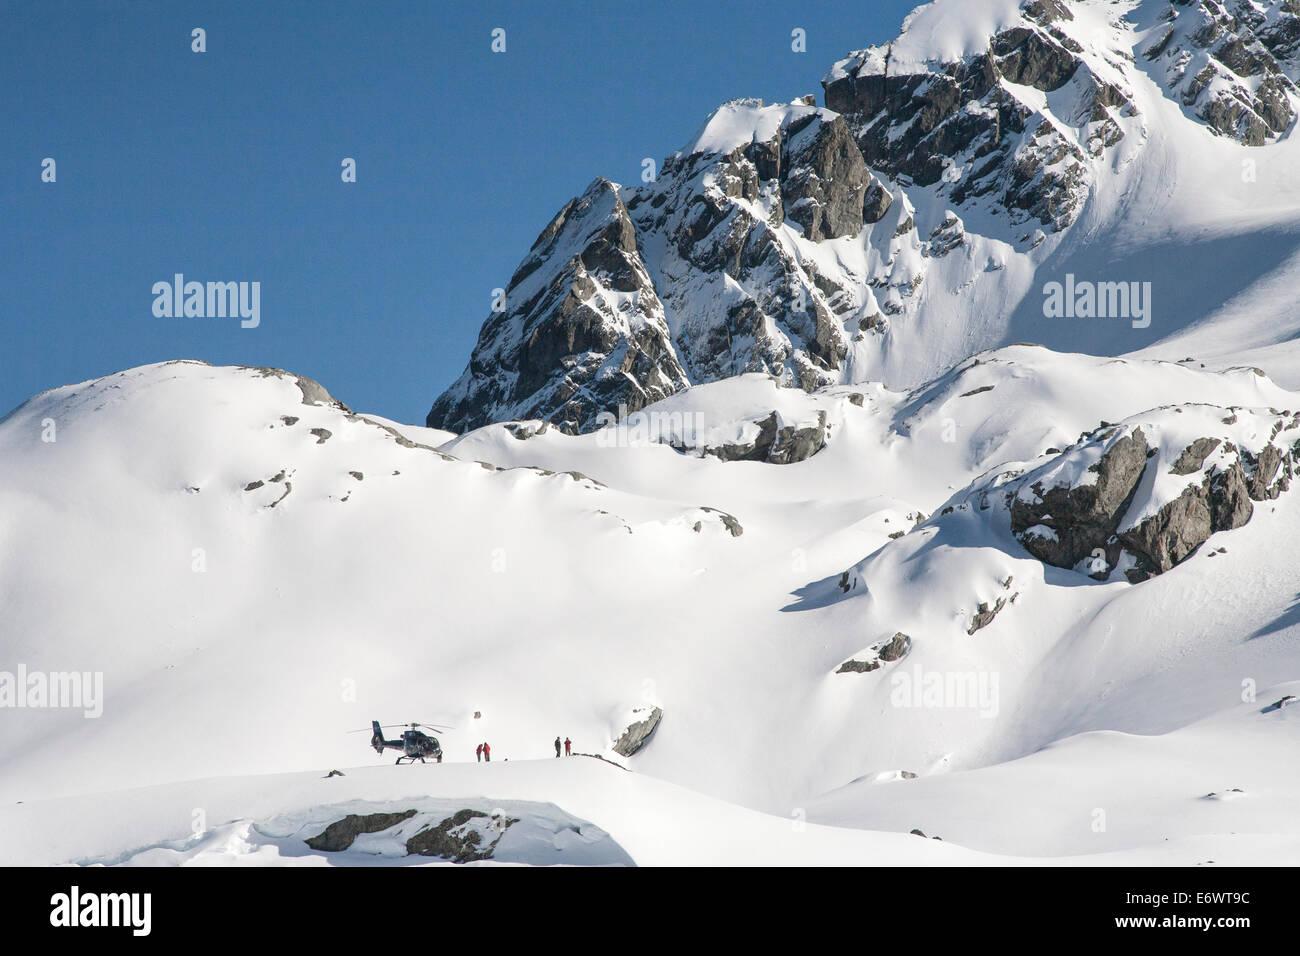 Hubschrauberlandeplätze auf des Berges Höhn mit Winter Sportler, Heliskiing, Südinsel, Neuseeland Stockbild